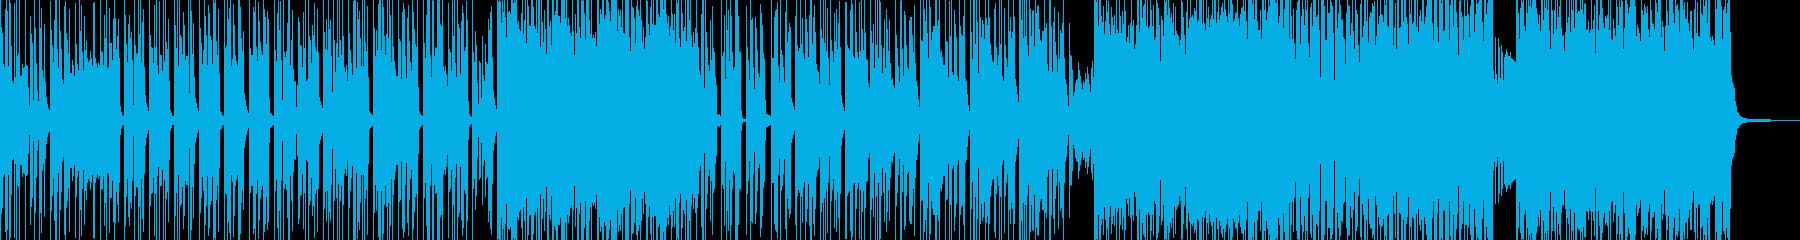 無機質&異次元・妖艶なヒップホップ Bの再生済みの波形